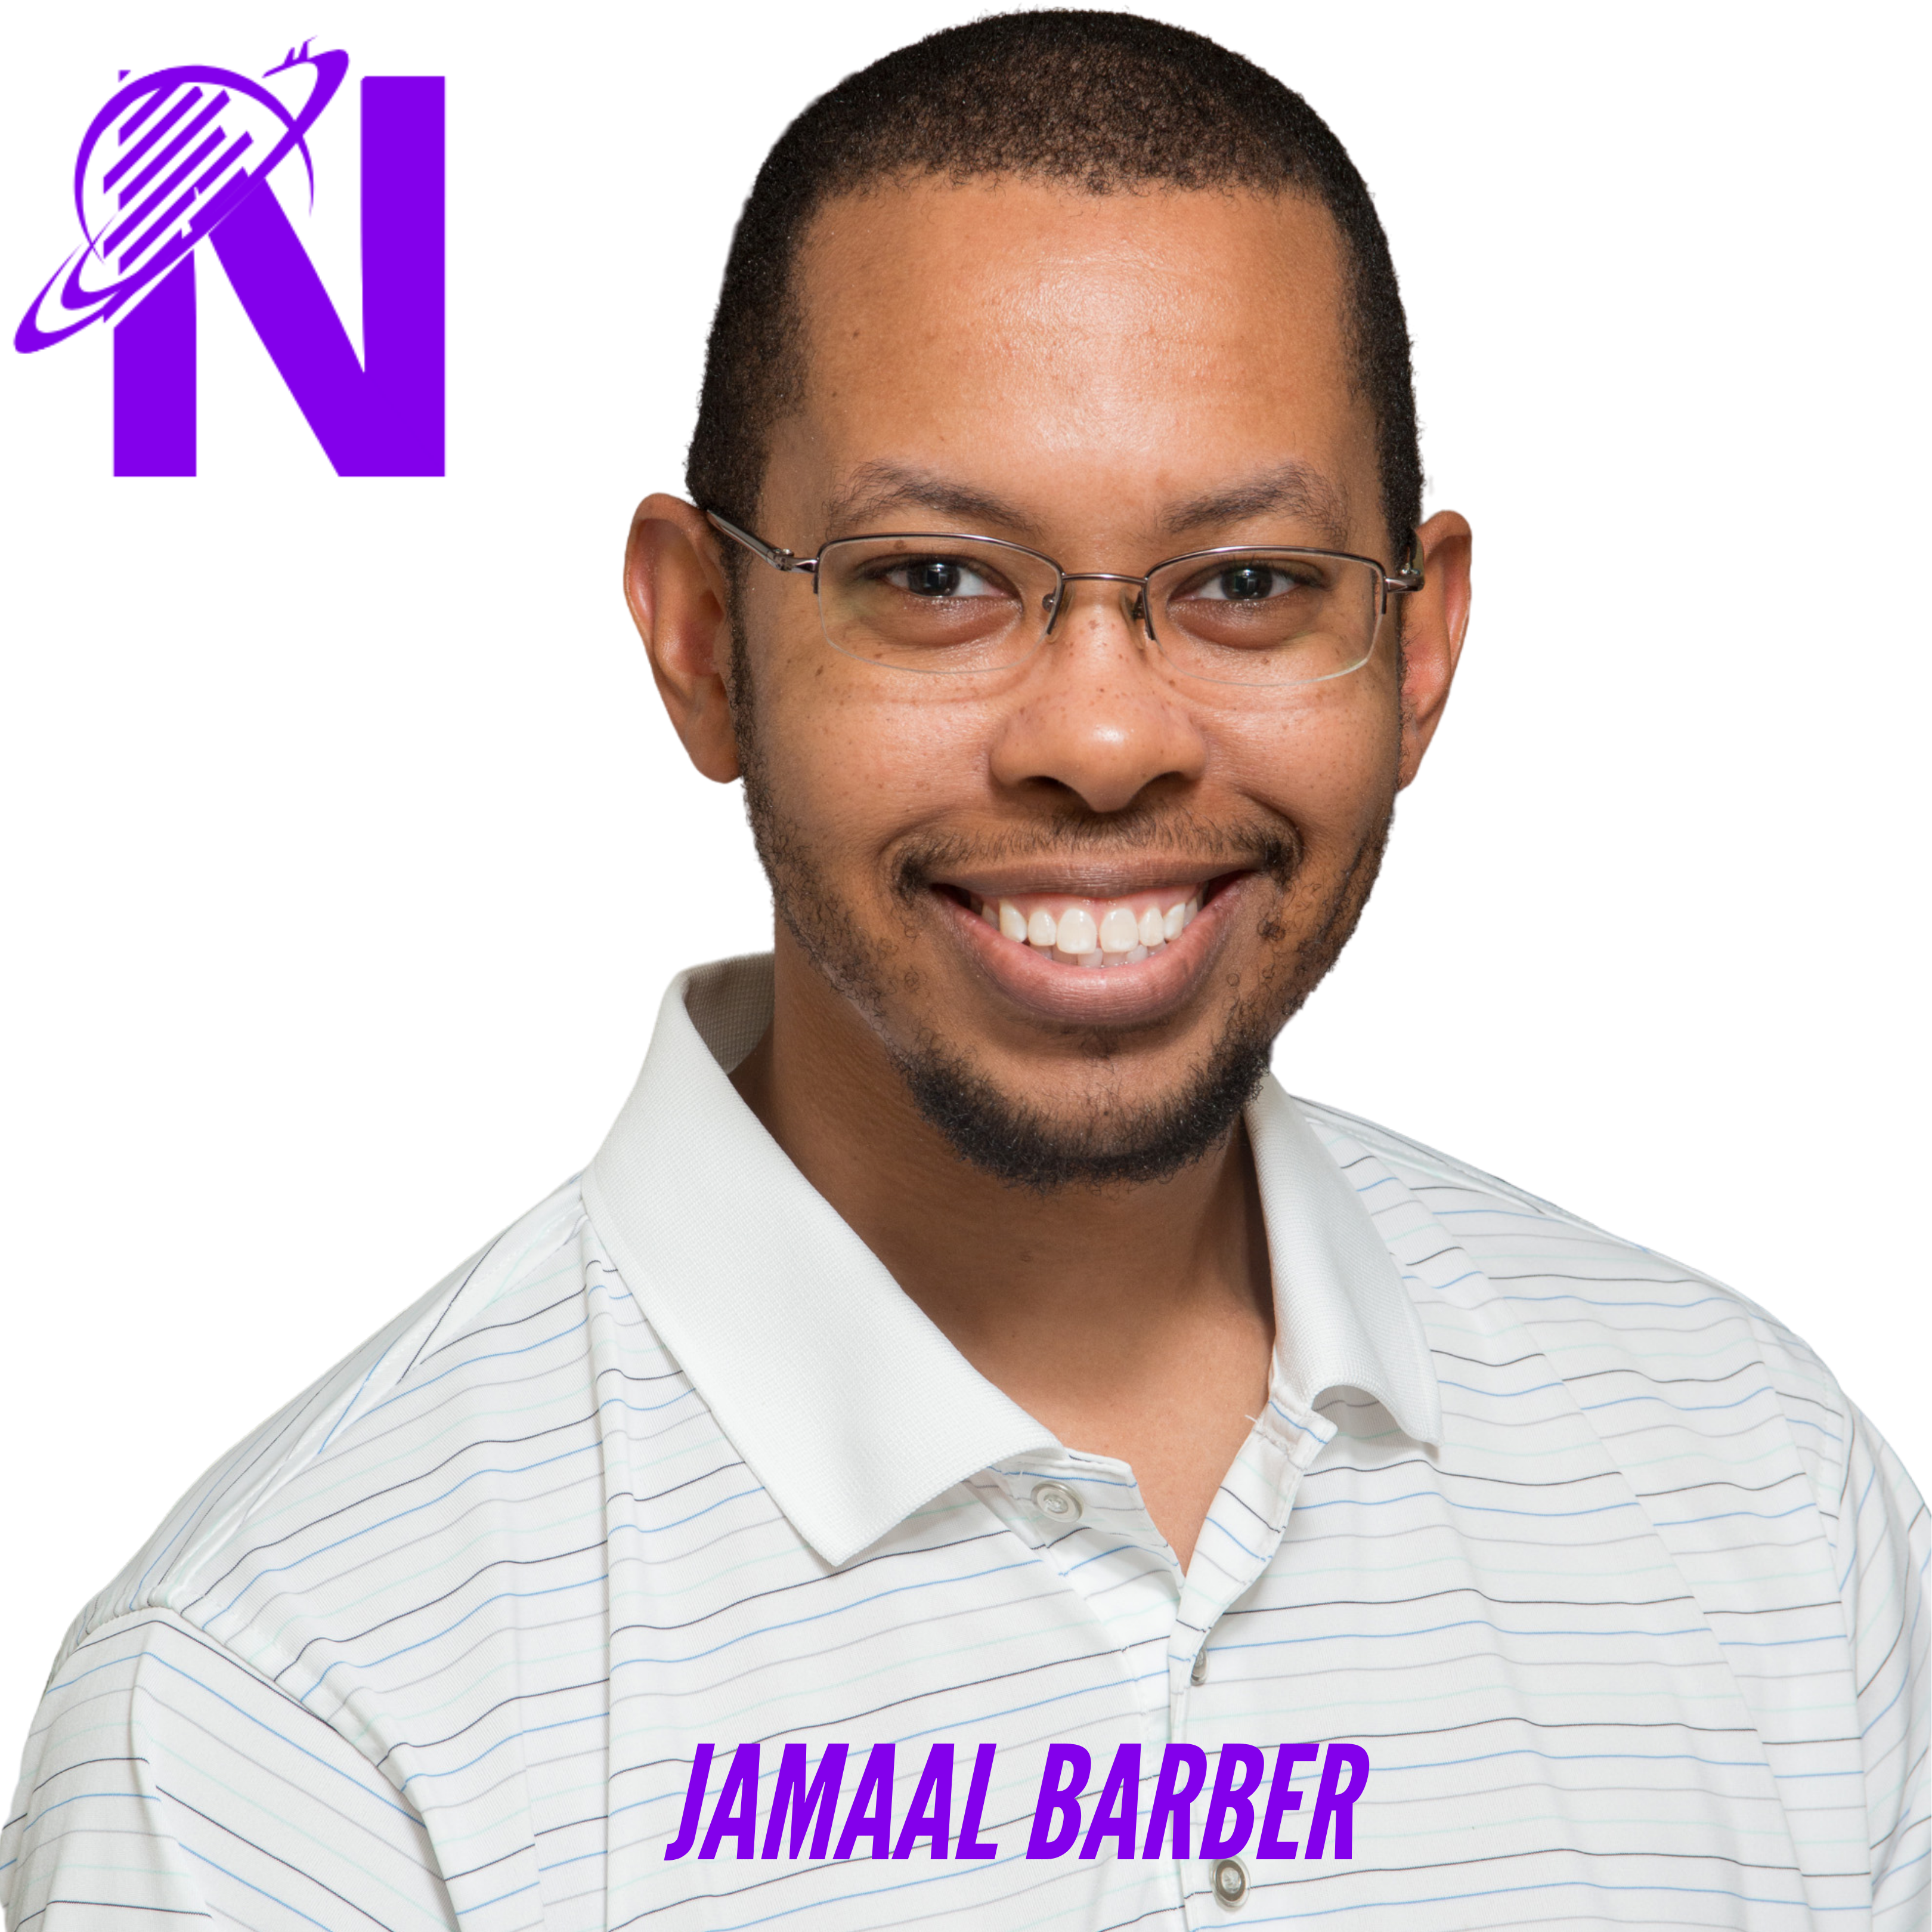 Jamaal Barber